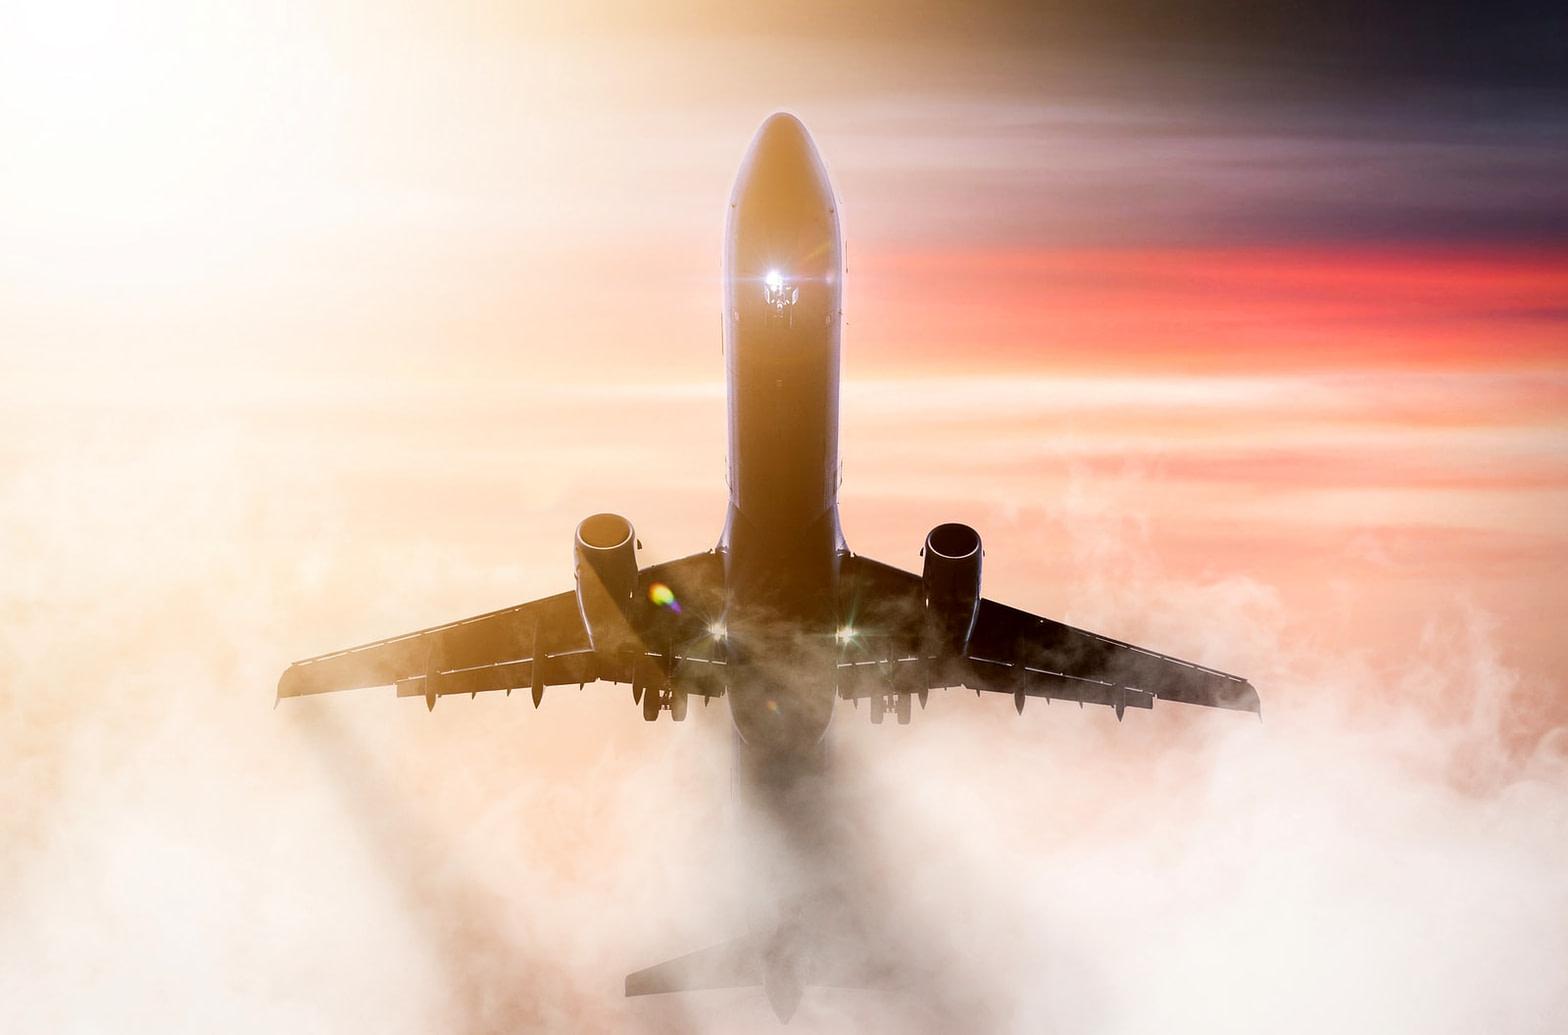 معلومات عن الرحلات المتوجهة من مطار الرياض الى مسقط